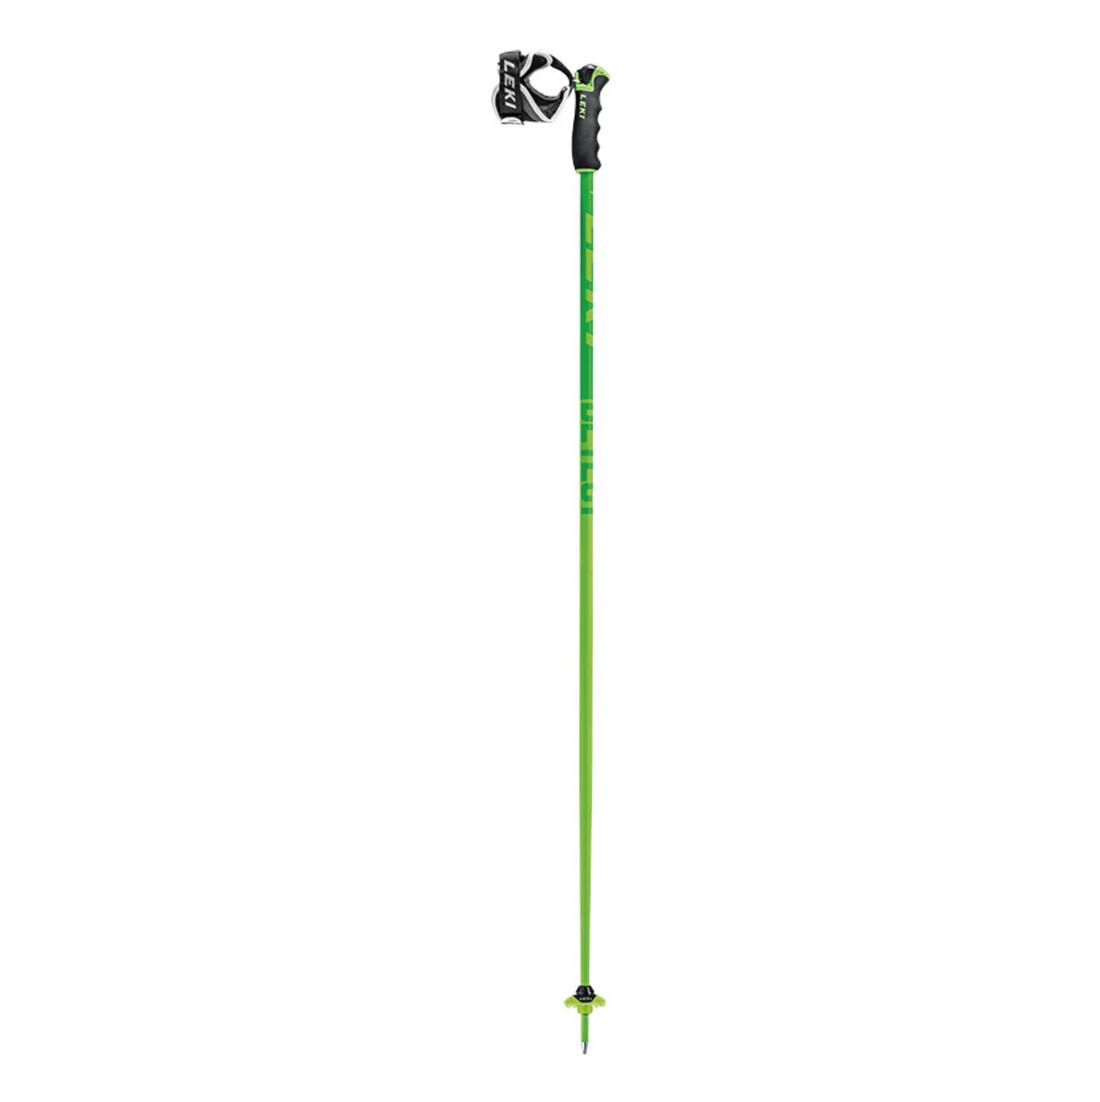 Leki Detect S Ski Poles - Green